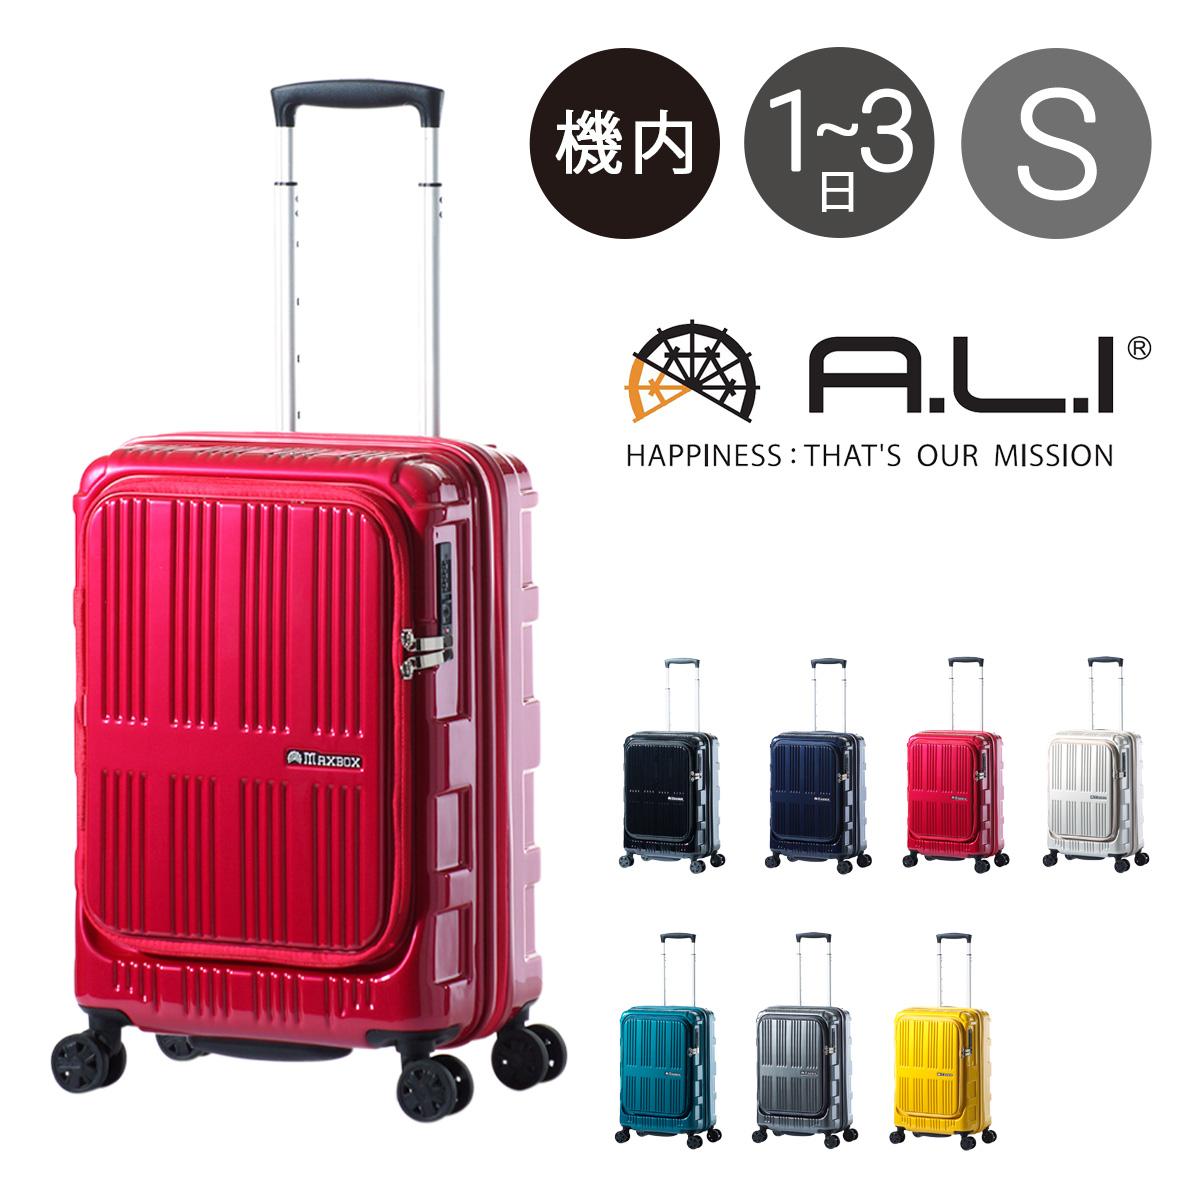 アジアラゲージ スーツケース 54cm 2.8kg 35L MAXBOX ALI-5511 A.L.I | ハード ファスナー | キャリーケース 機内持ち込み TSAロック搭載[PO10]